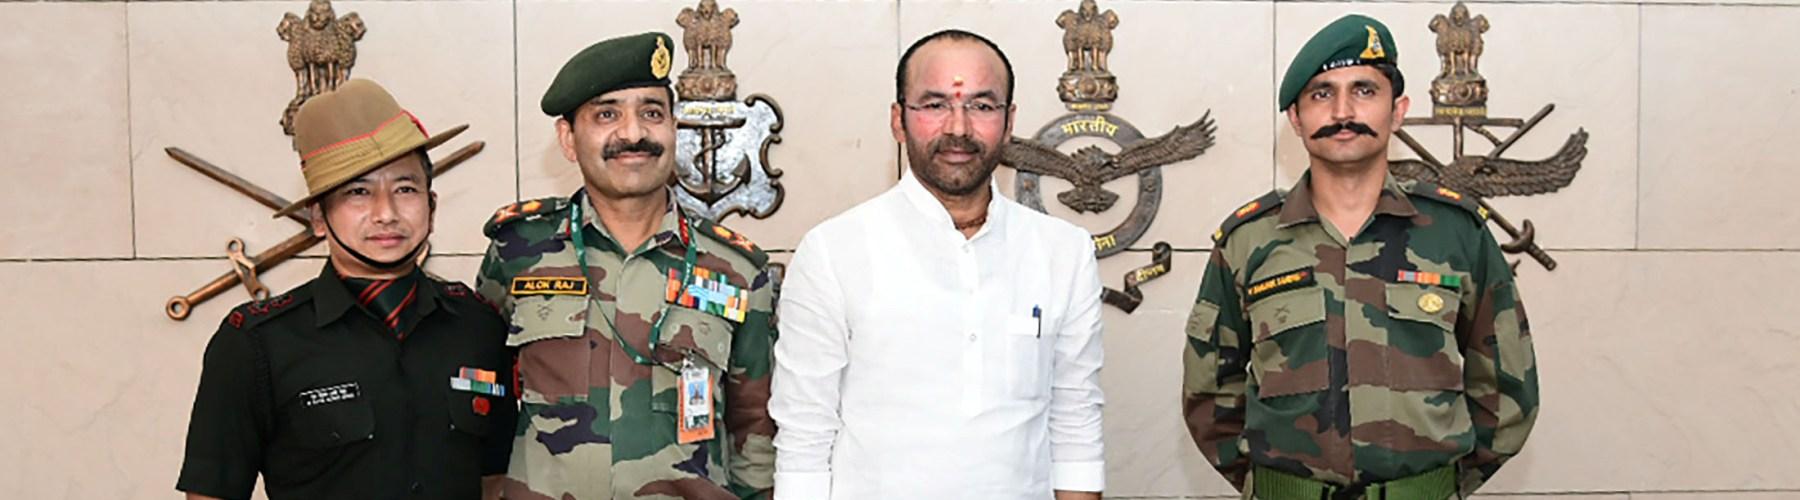 गृह राज्य मंत्री श्री जी किशन रेड्डी दिनांक 14 जून, 2019 को नई दिल्ली में राष्ट्रीय युद्ध स्मारक पर श्रद्धांजलि देते हुए।